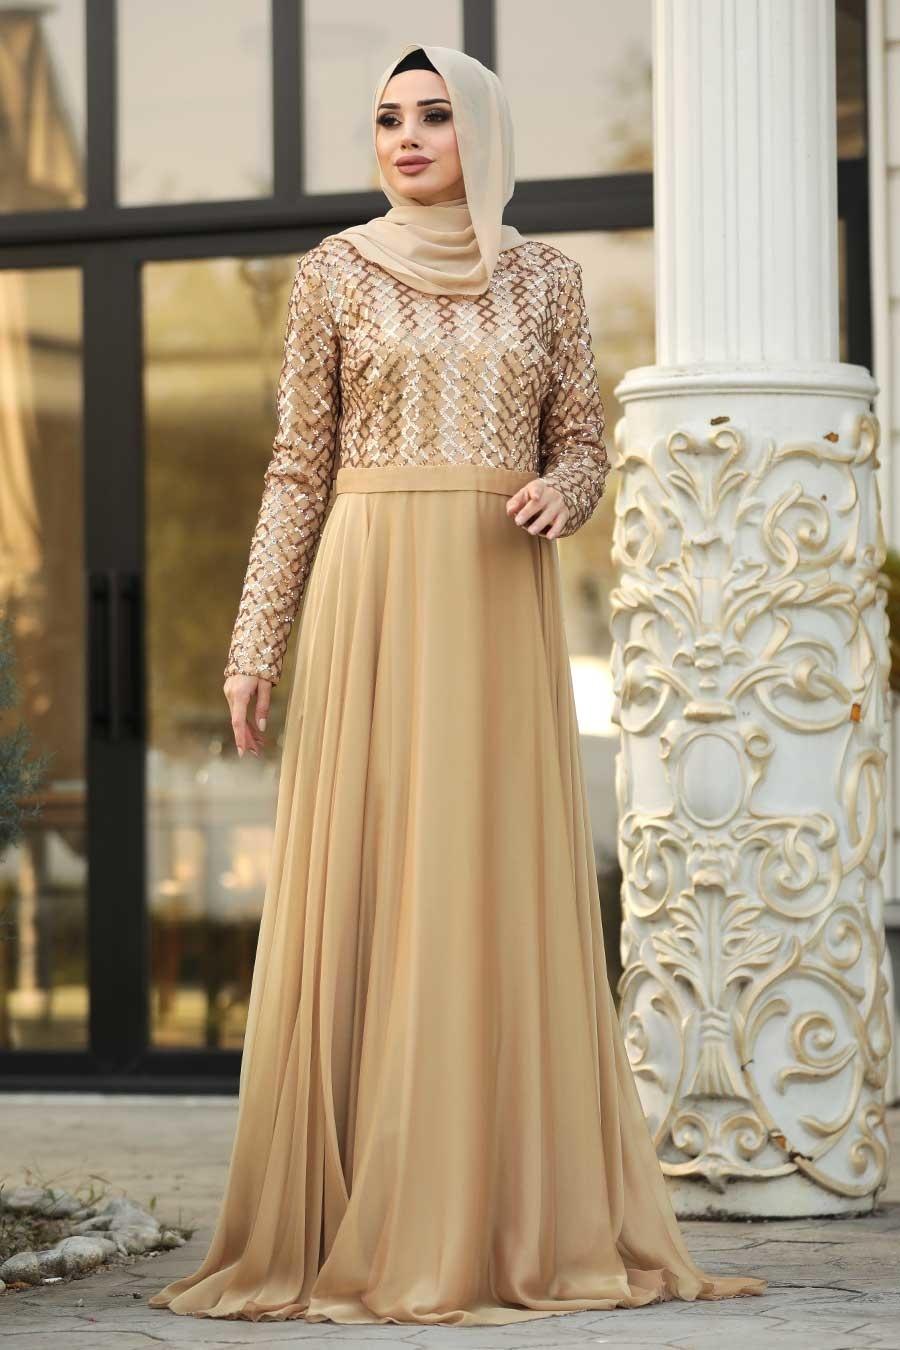 Tesettürlü Abiye Elbise - Pul Payetli Gold Tesettür Abiye Elbise 8127GOLD